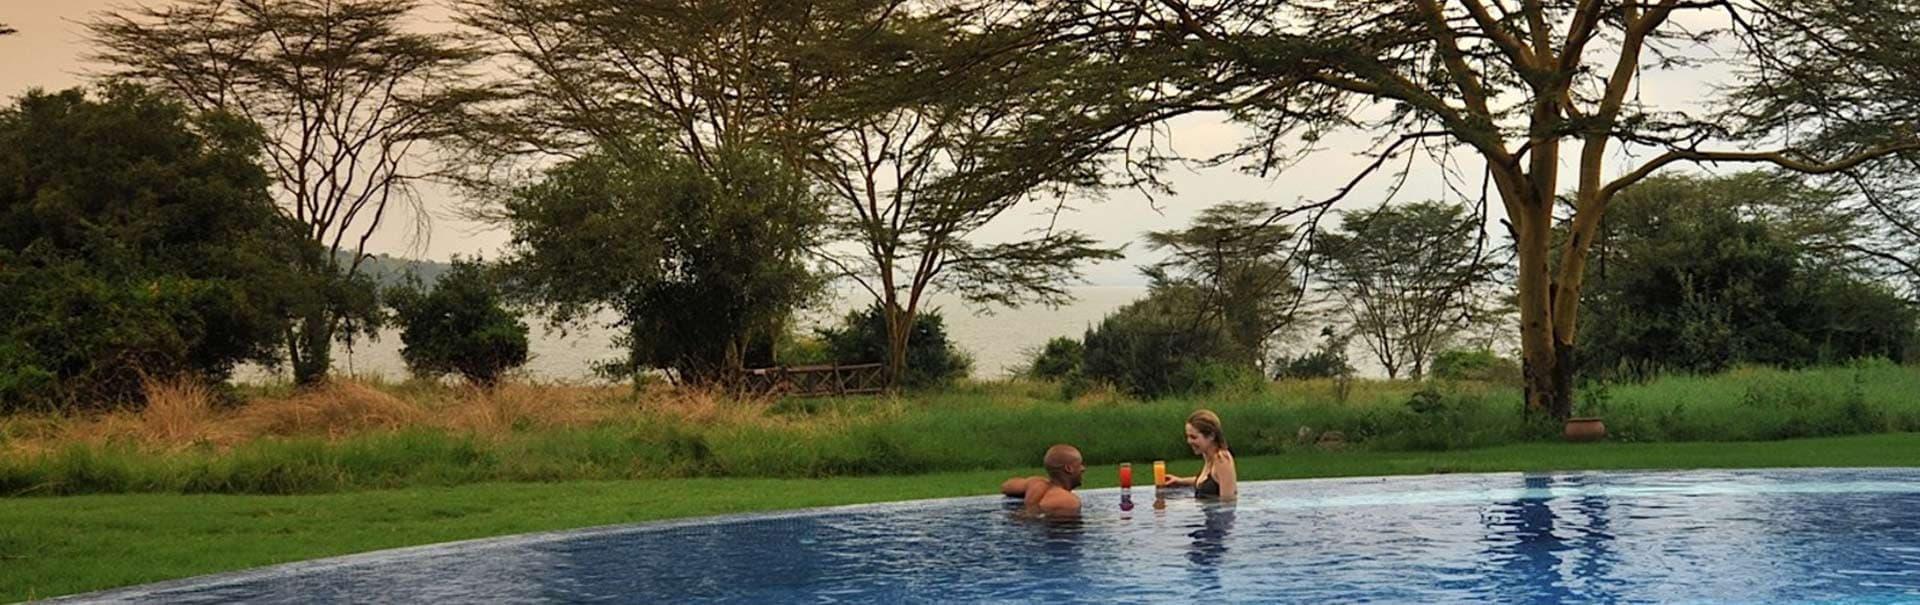 imageUrlhttps://img.veenaworld.com/customized-holidays/world/africa/shke6/shke6-bnn-1.jpg